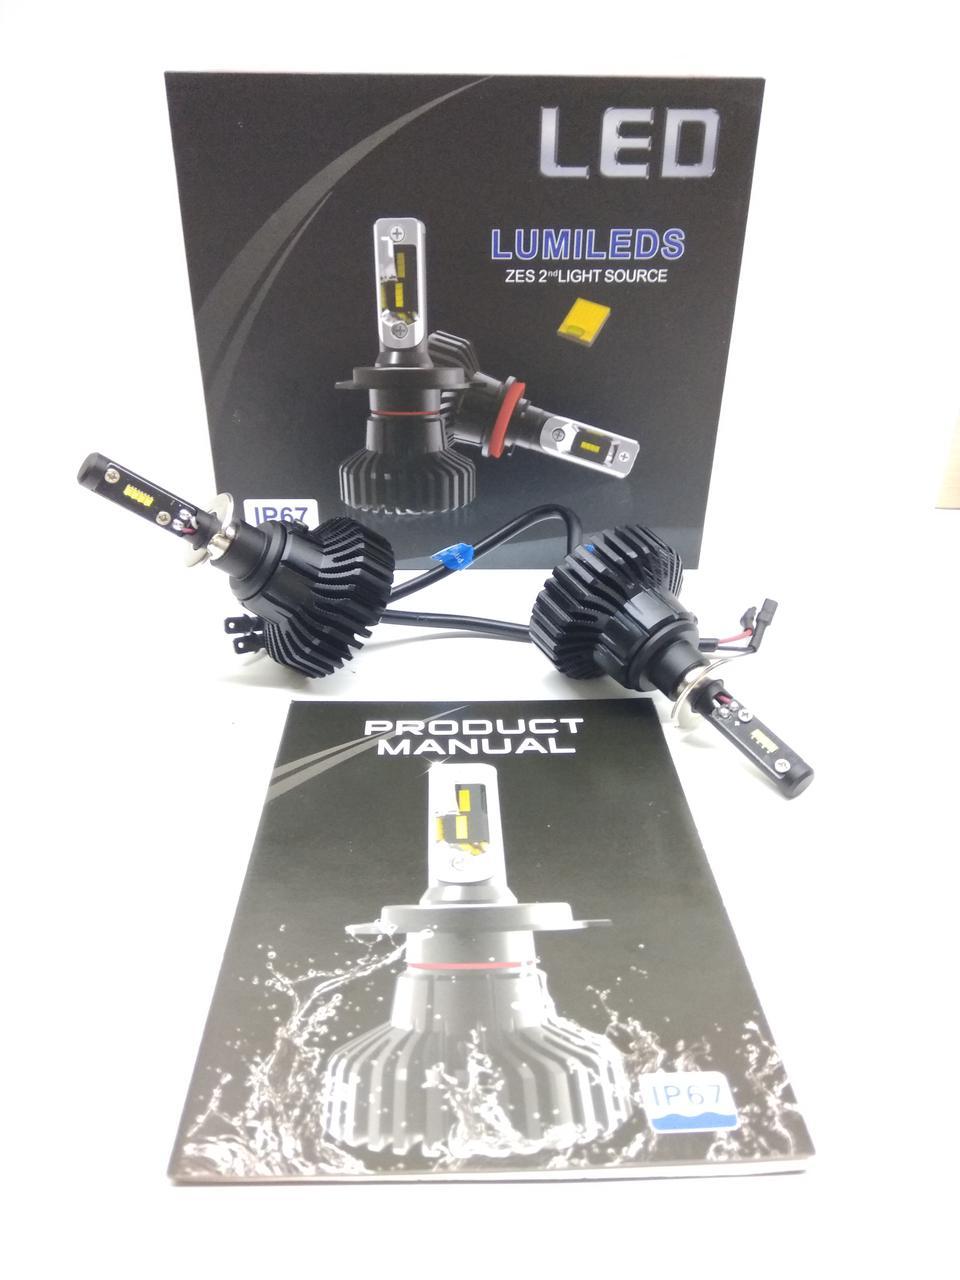 Светодионые автолампы LED X5 Lumileds Luxeon Z ES, H3, 6000LM, 6500K, 50W, 9-36V